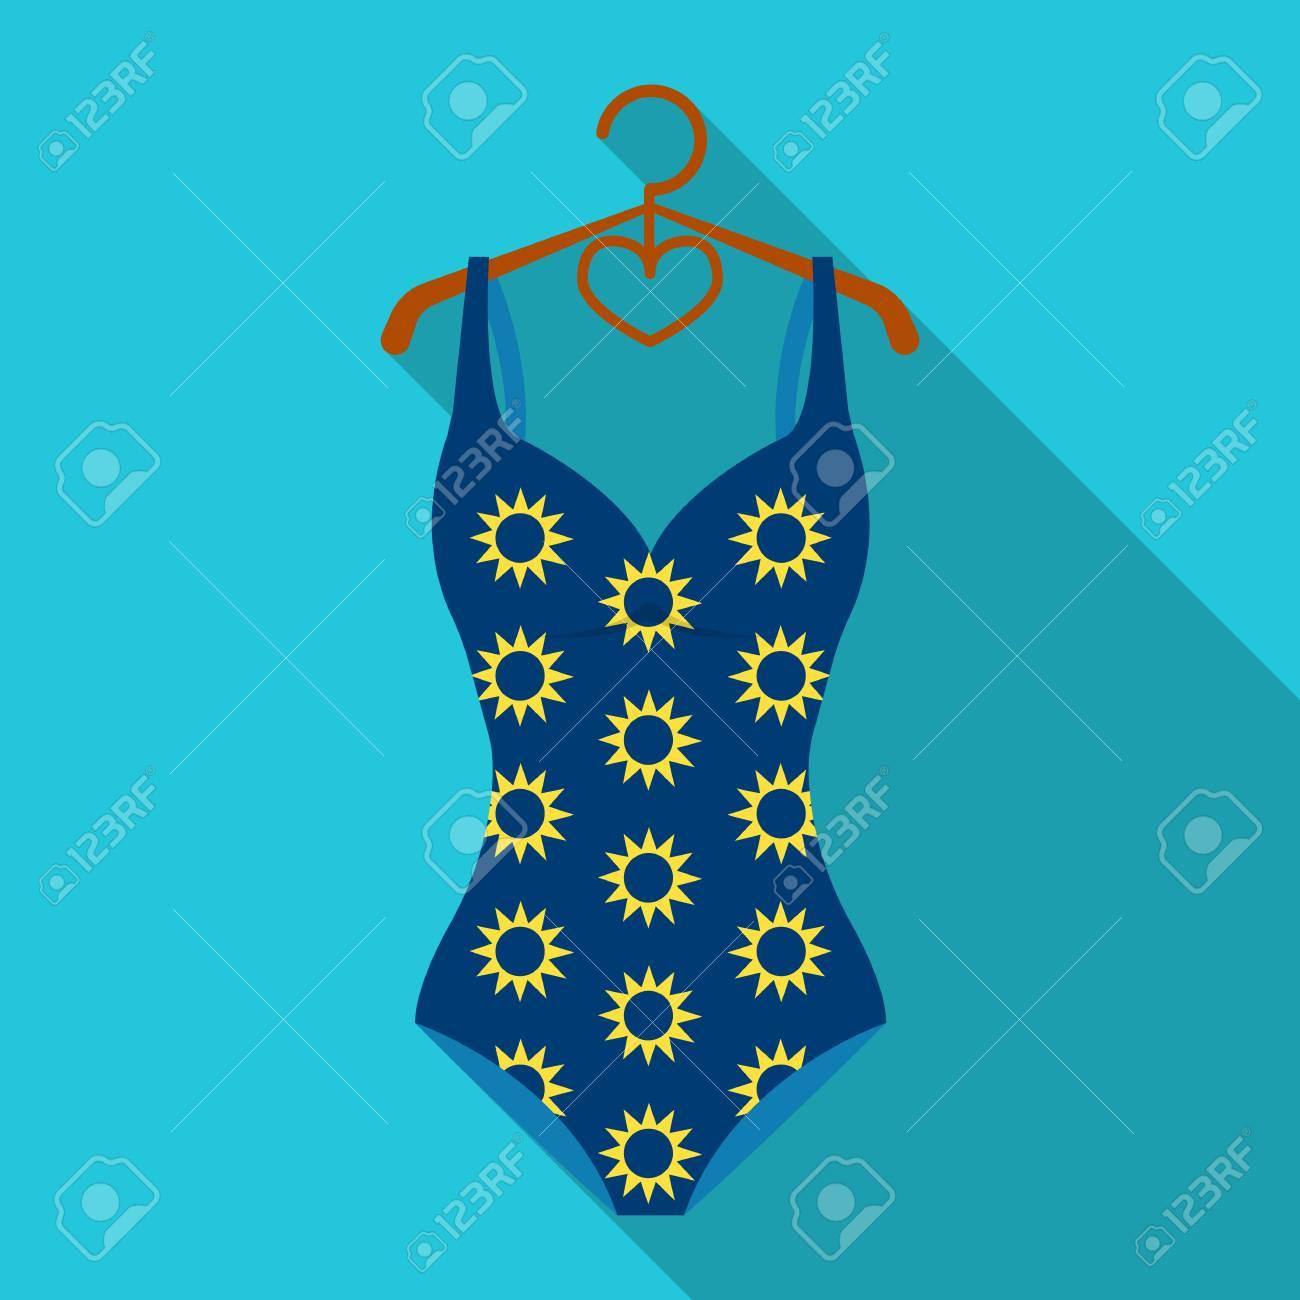 c748700b6bcf Traje de baño azul con girasoles. Traje de baño para nadar en la piscina.  Swimcuits solo icono en estilo plano vector símbolo stock de ilustración.